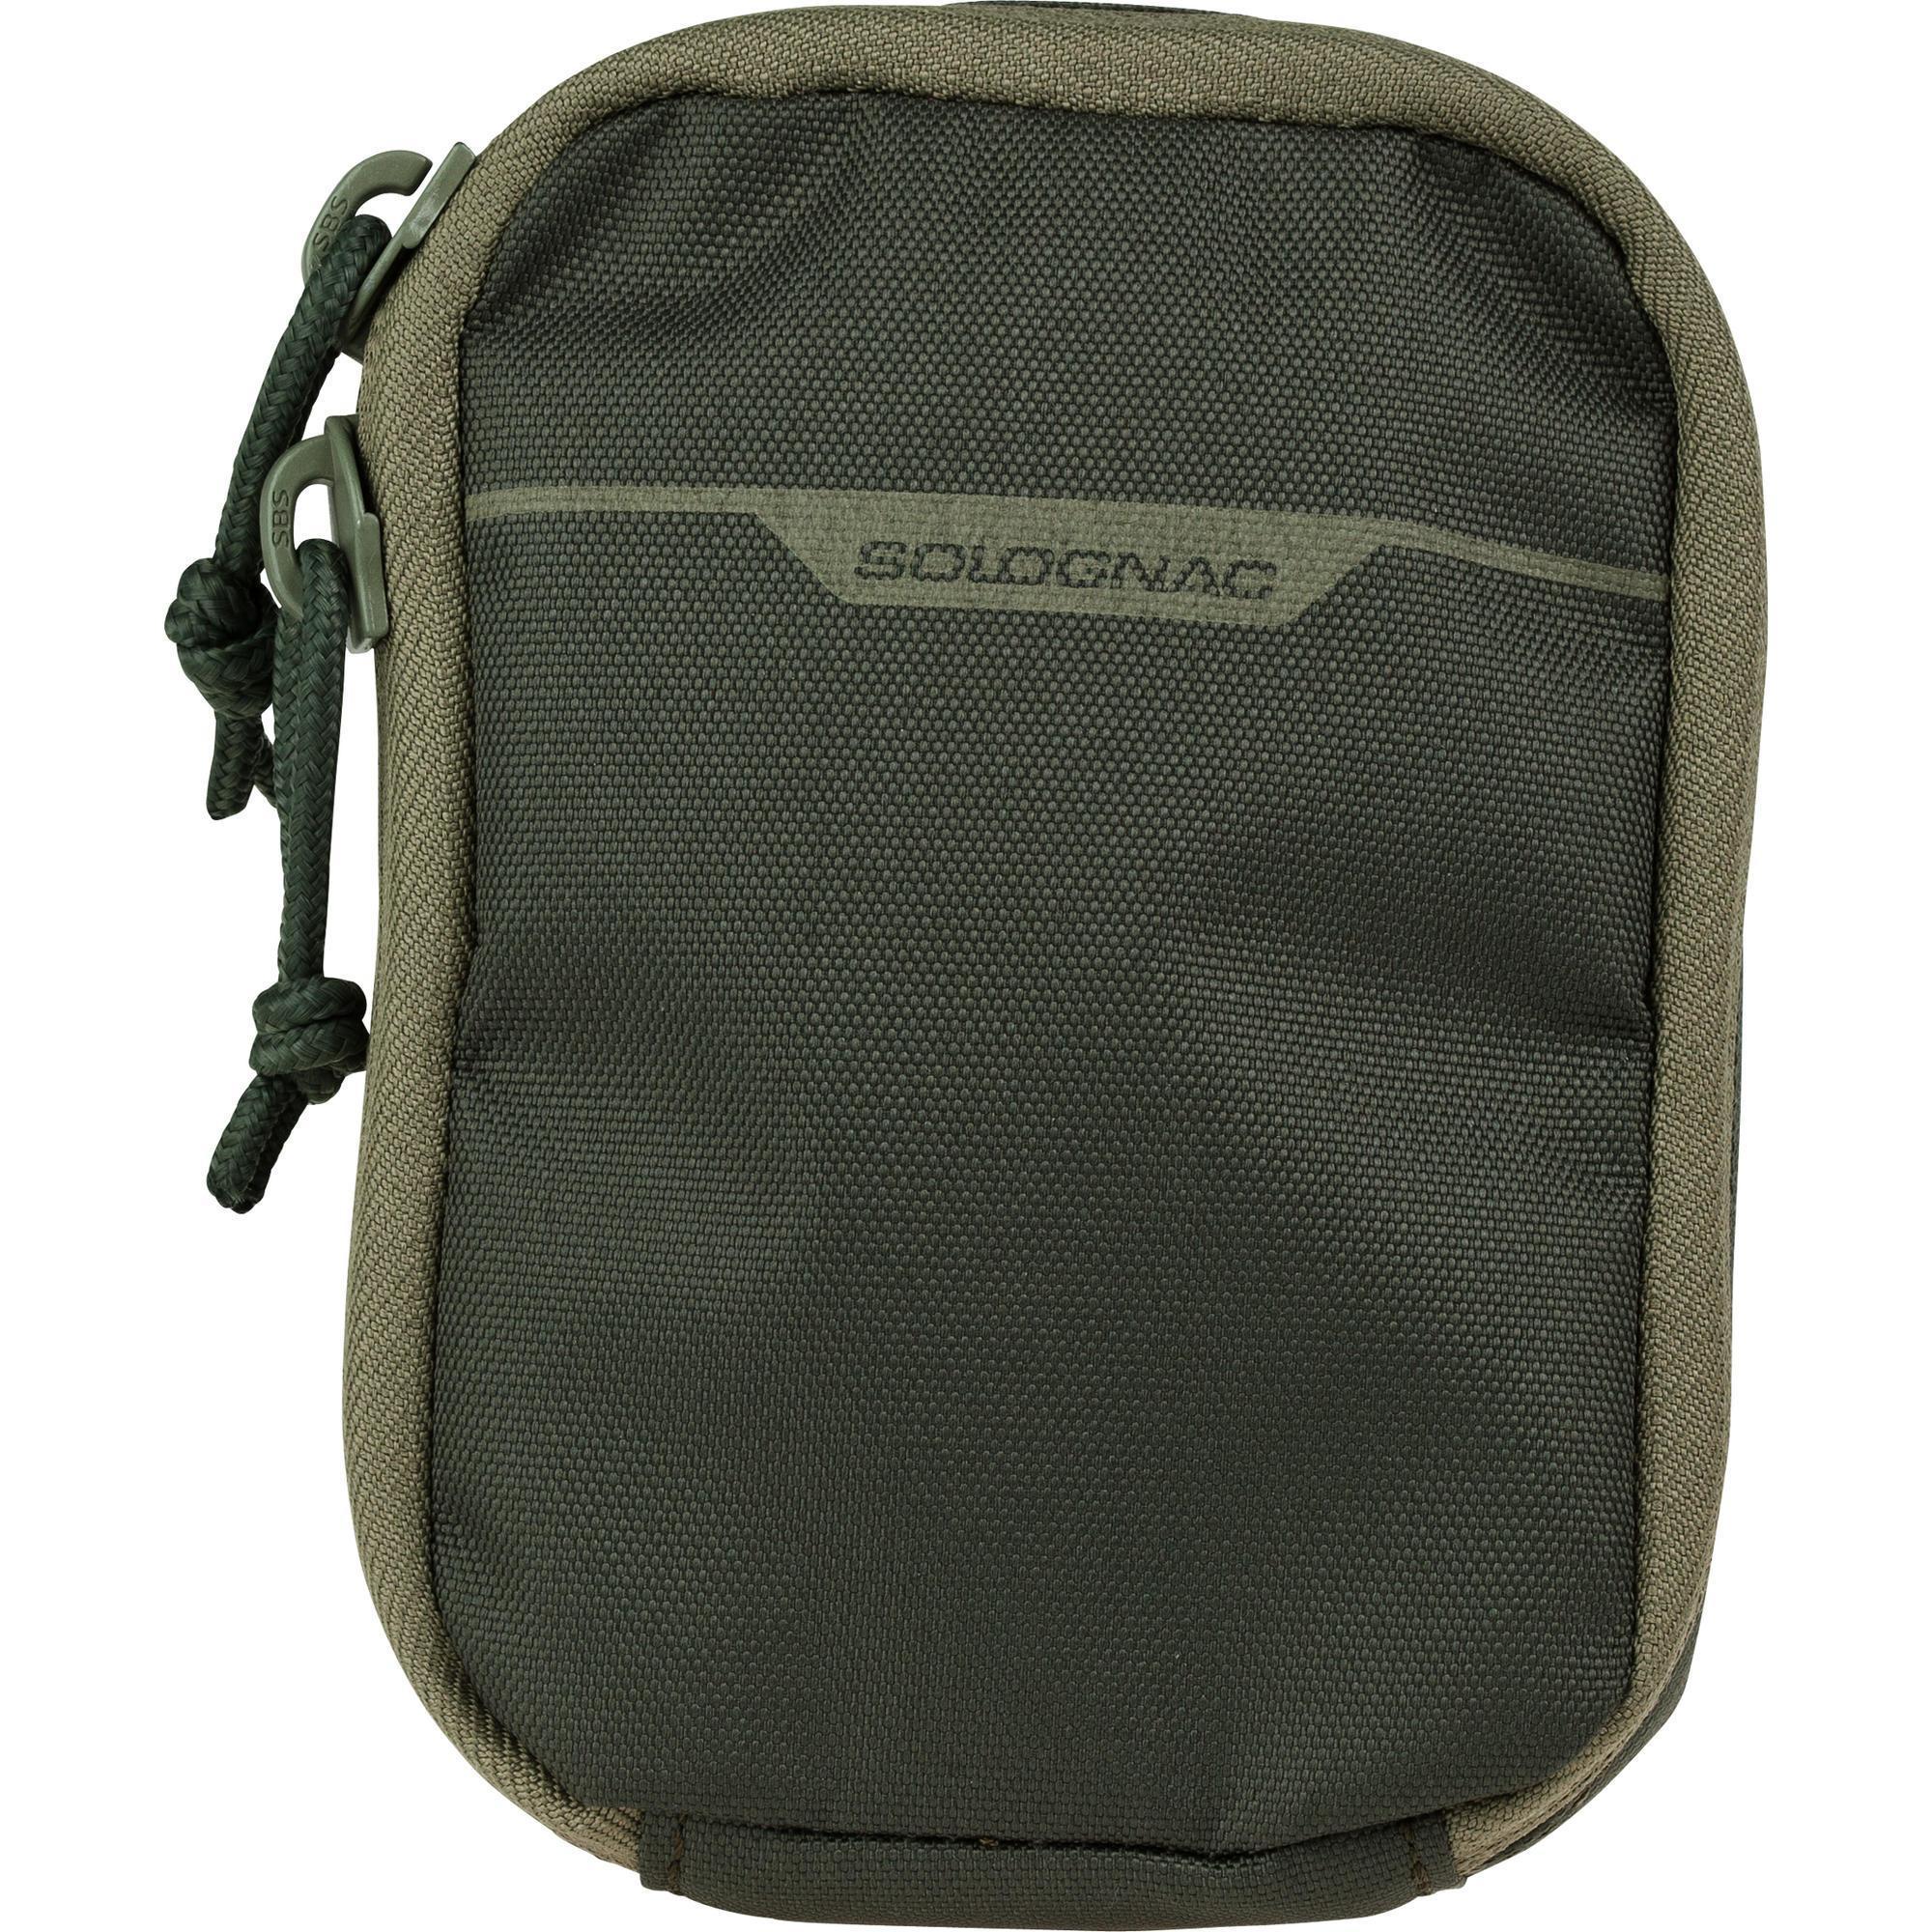 Zusatztasche Organizer X-Access S 10 נ14 cm grün | 03583788337553